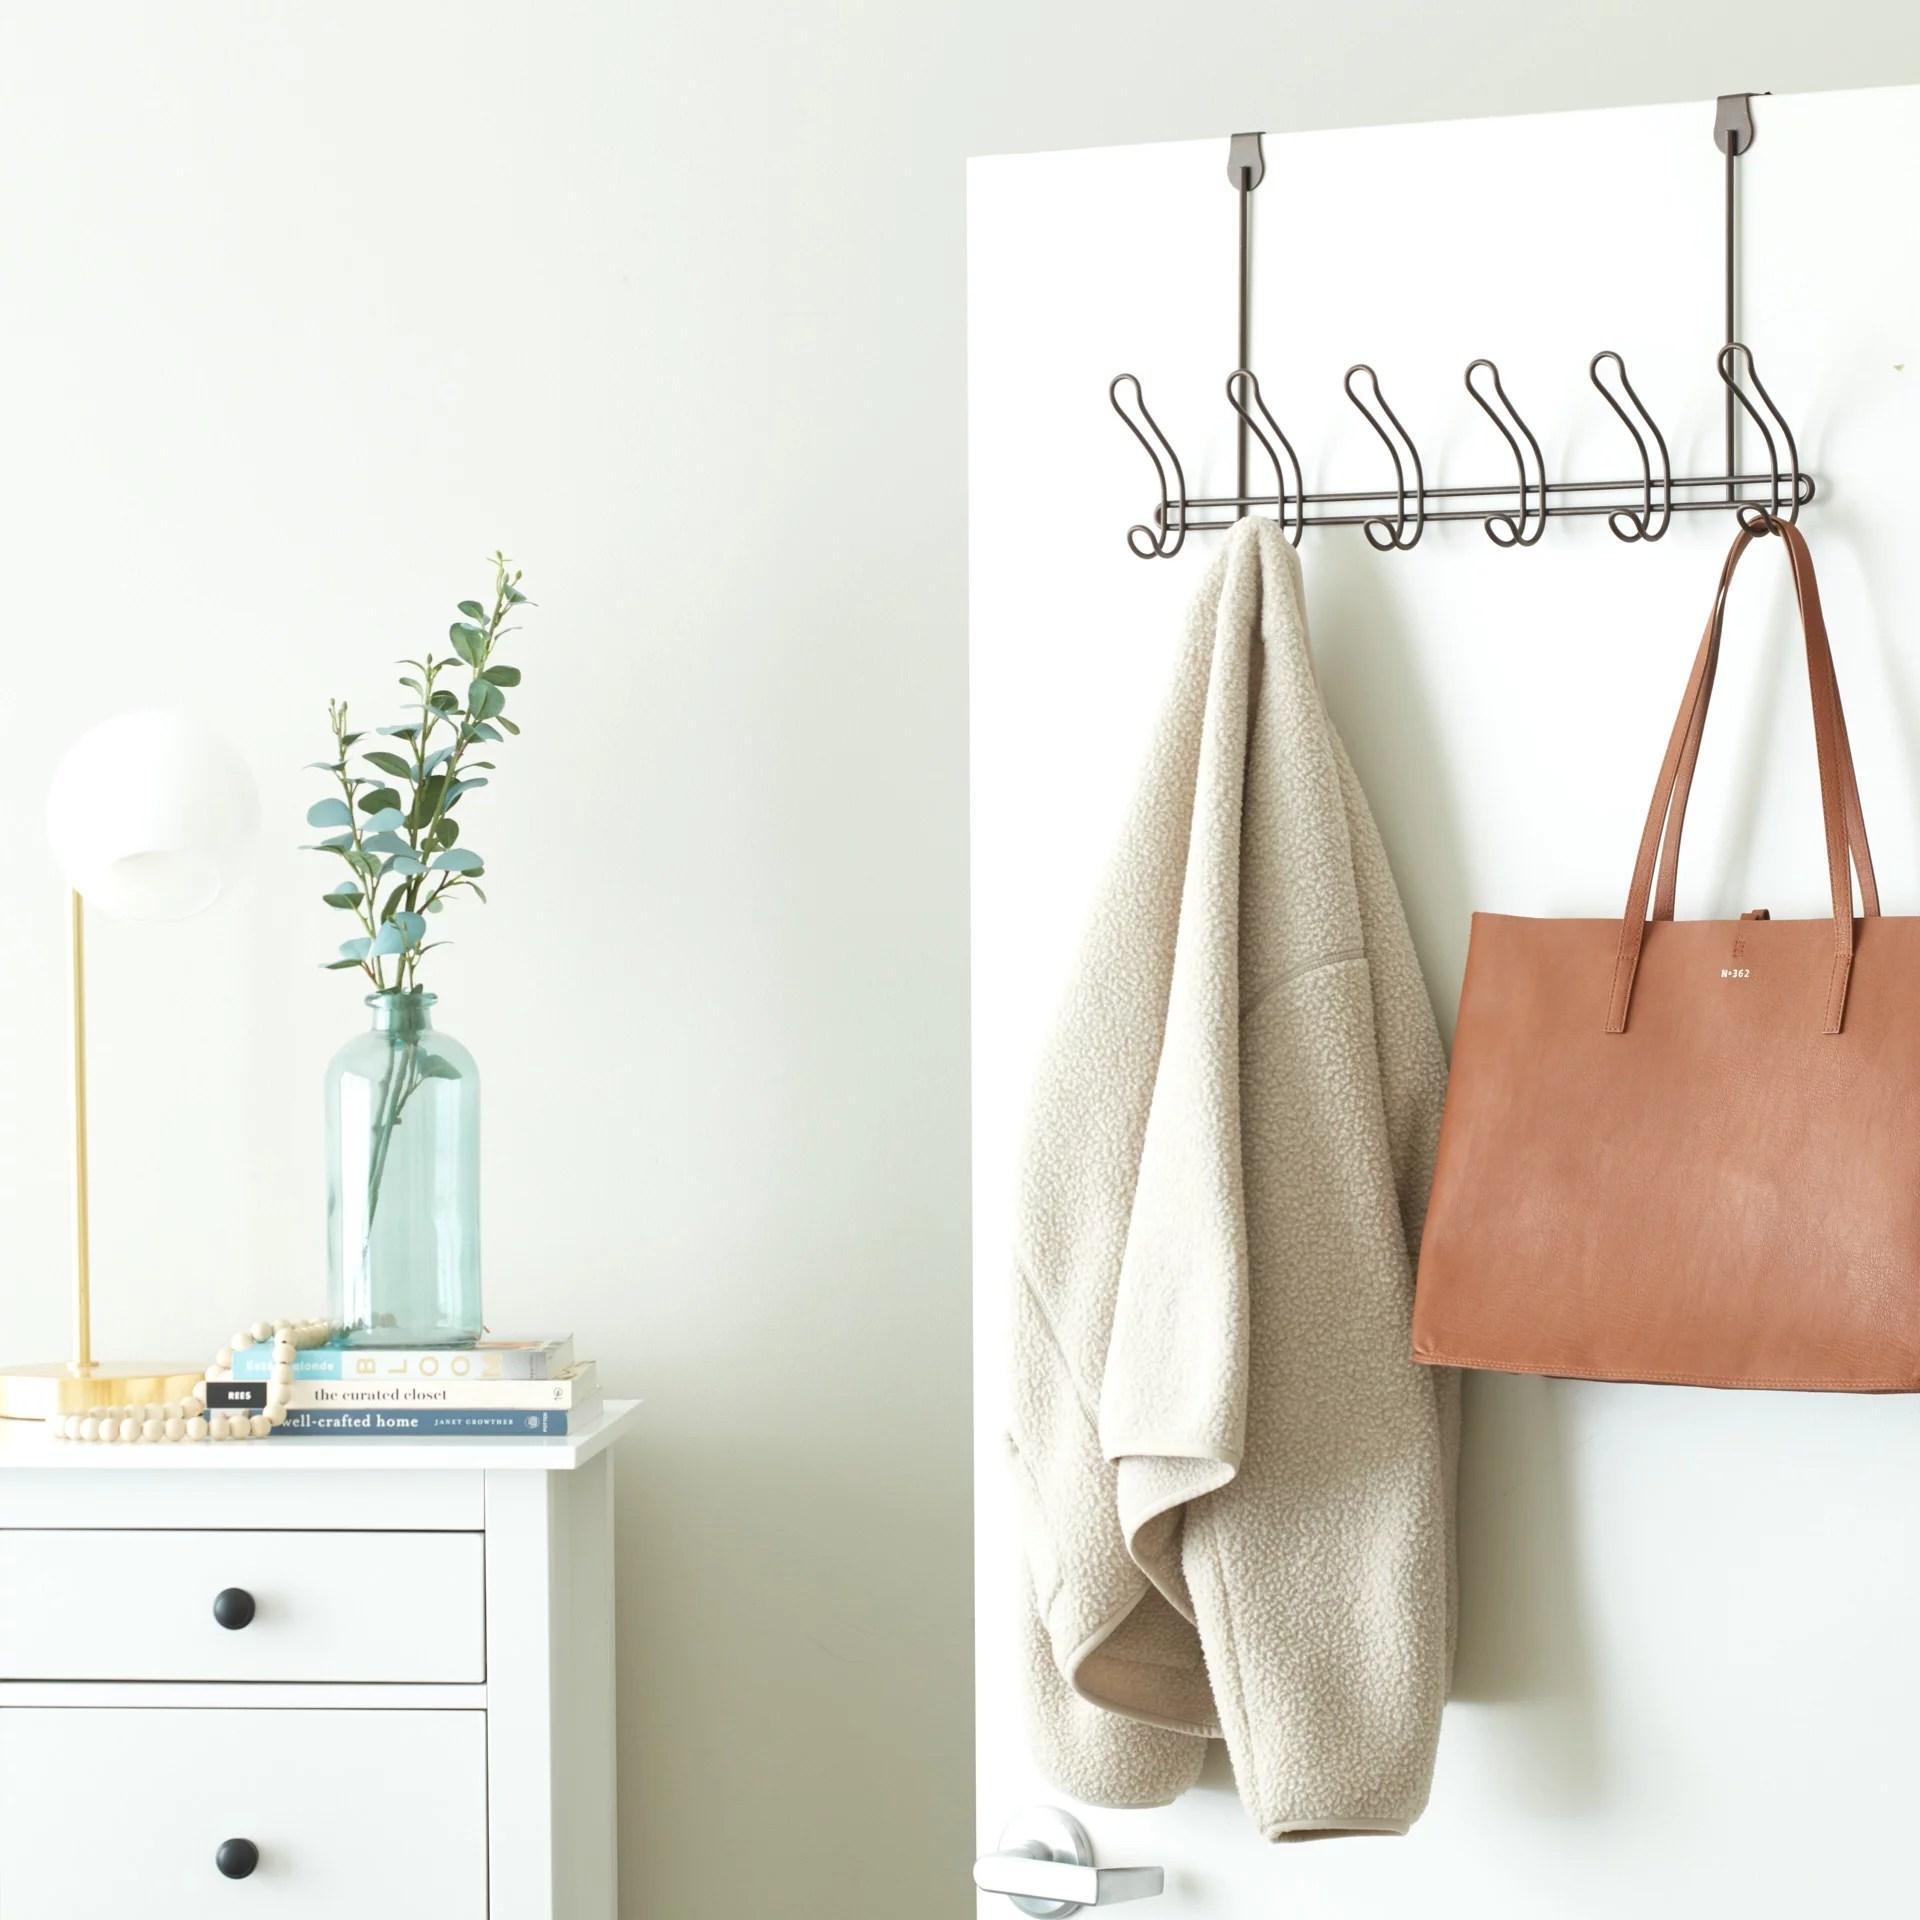 mainstays classico over the door coat rack with 6 hooks bronze metal walmart com walmart com